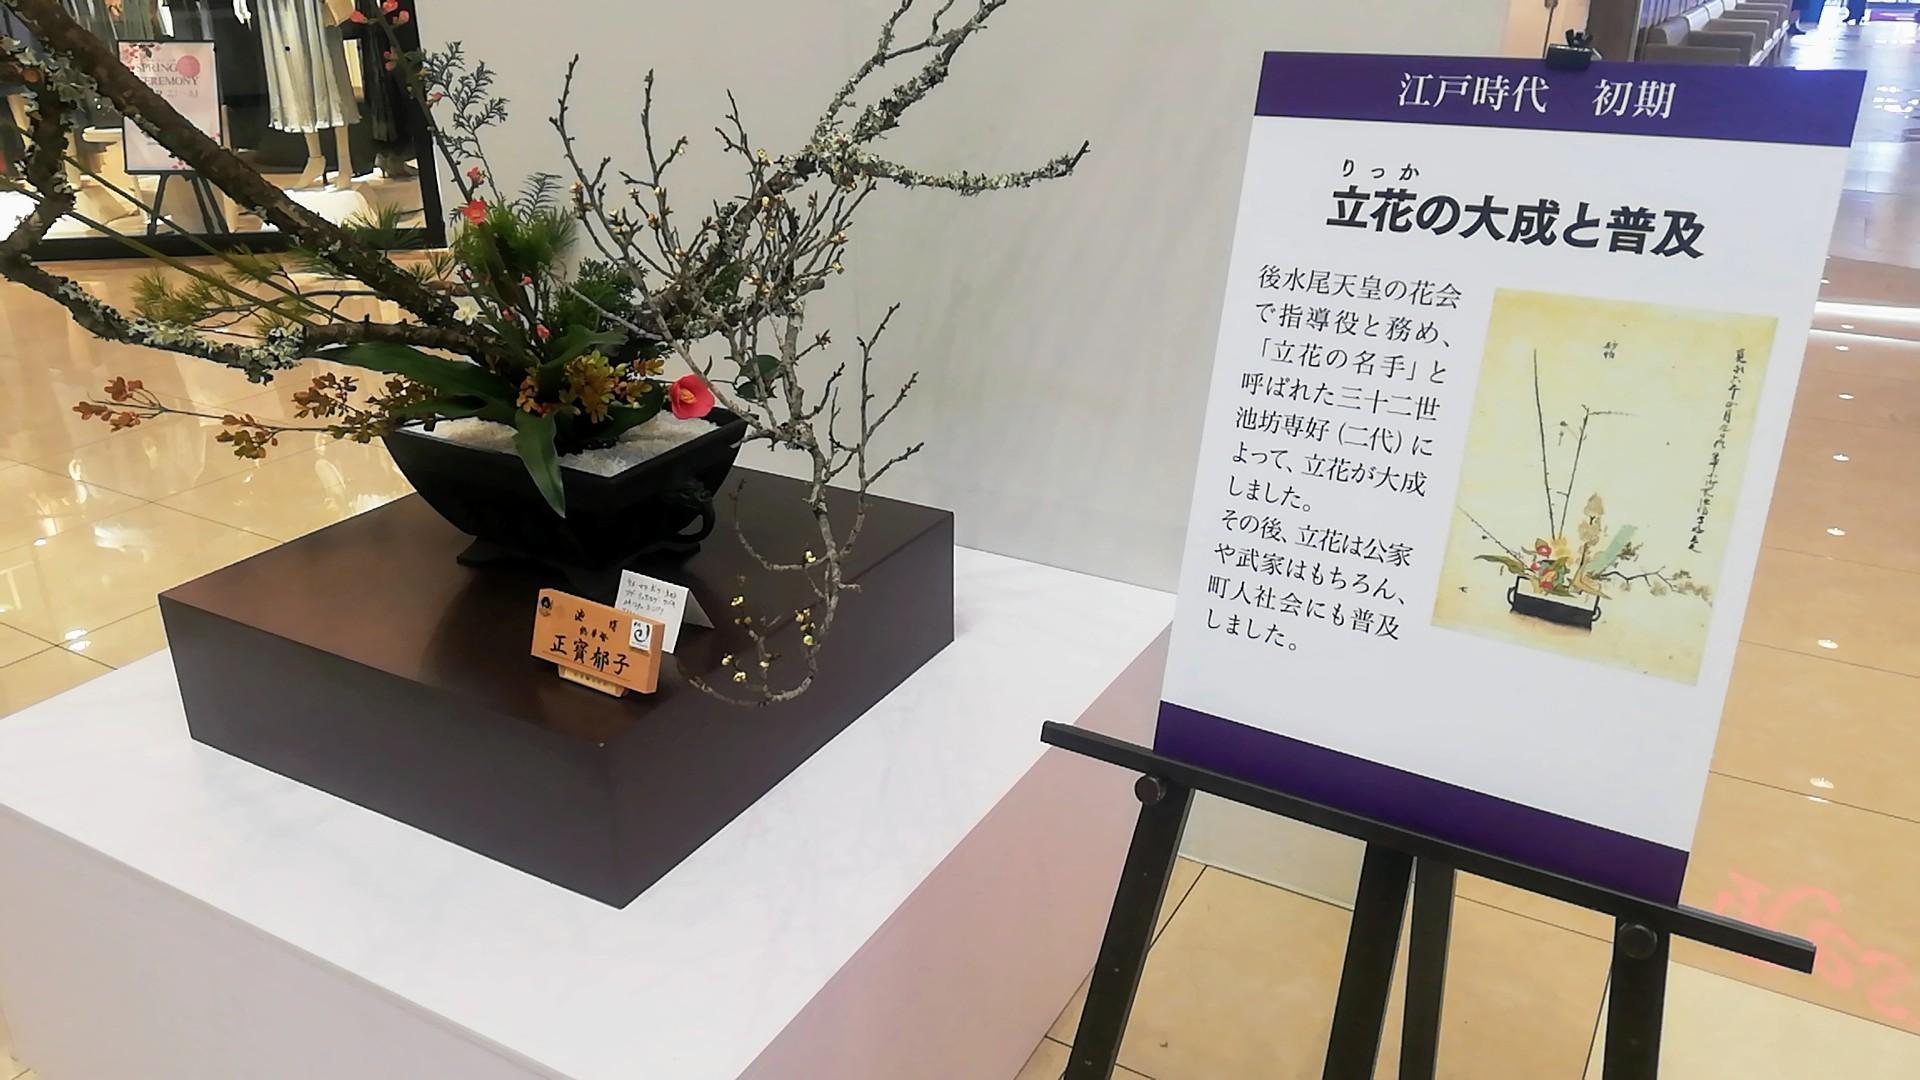 ゆめタウン佐賀開催の池坊展へ_d0195183_20122964.jpg